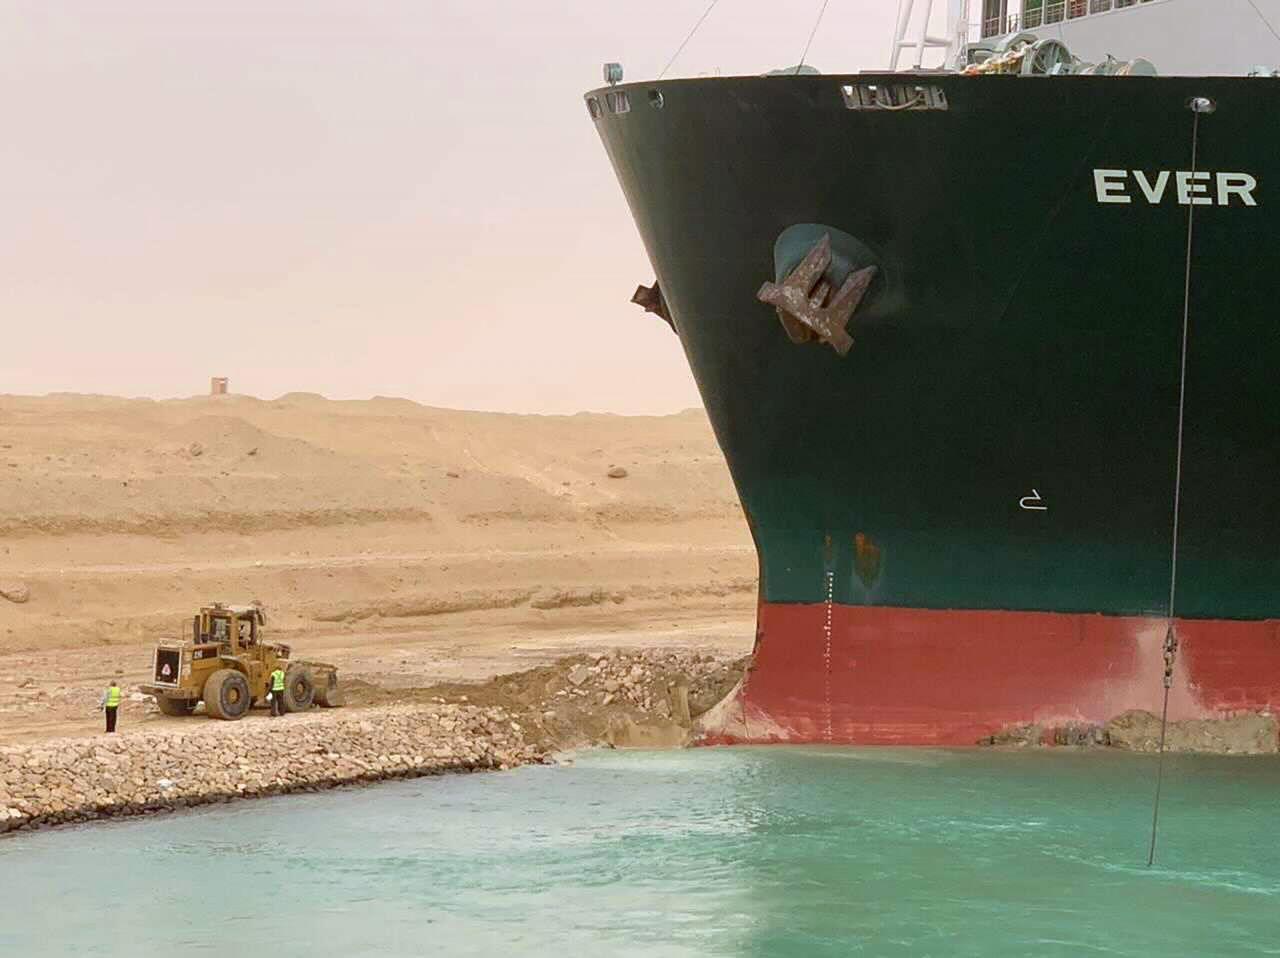 Die lustigsten Memes vom Schiff im Suezkanal